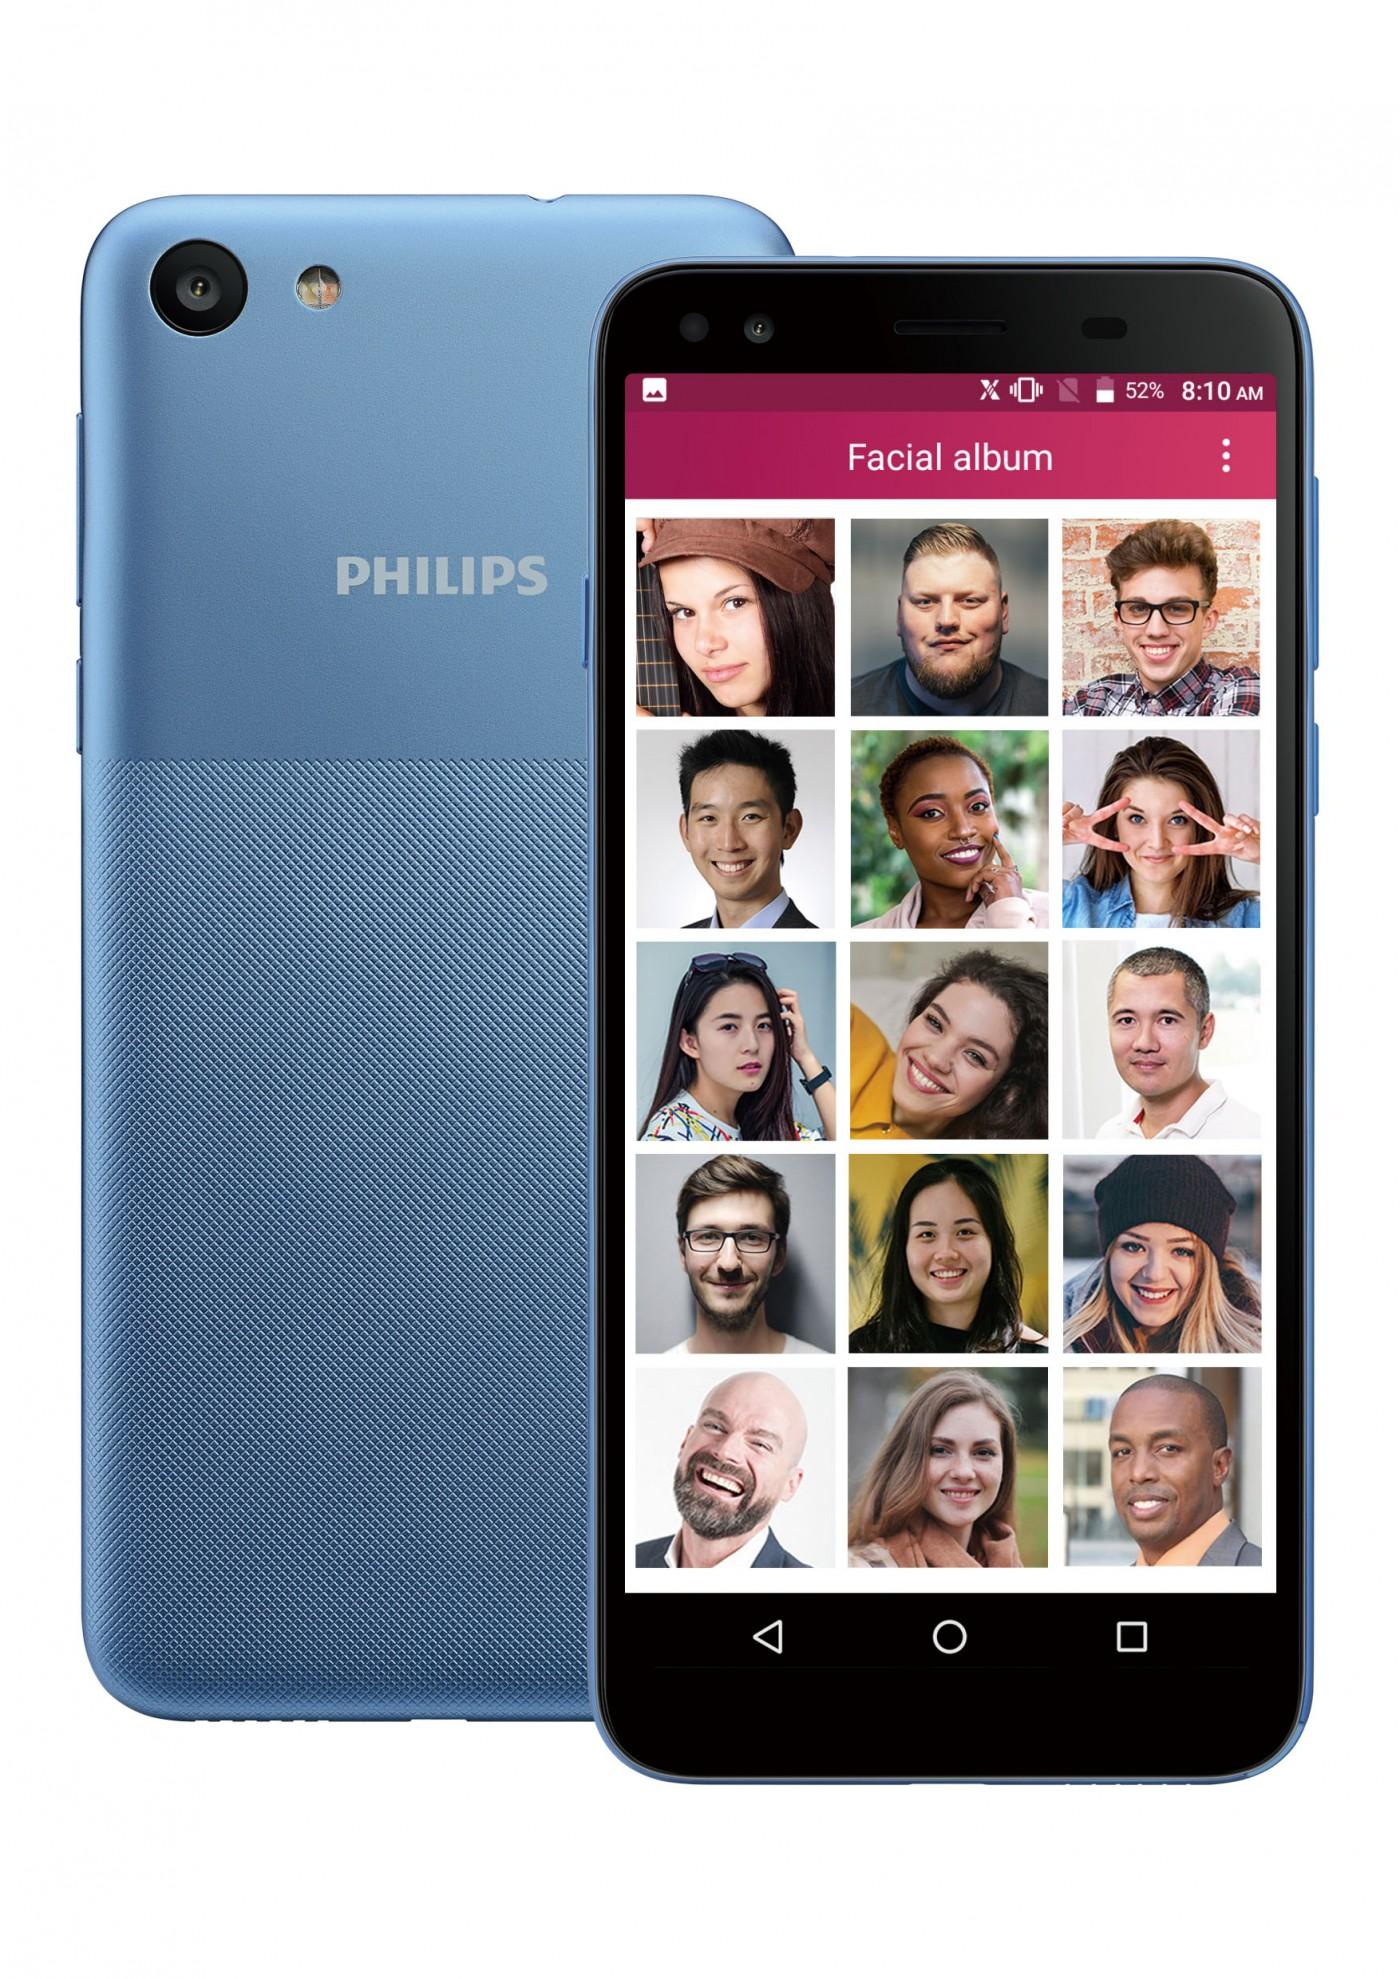 新創與大廠合作再添佳話!Deep Force與飛利浦合作推出內建智慧相簿手機